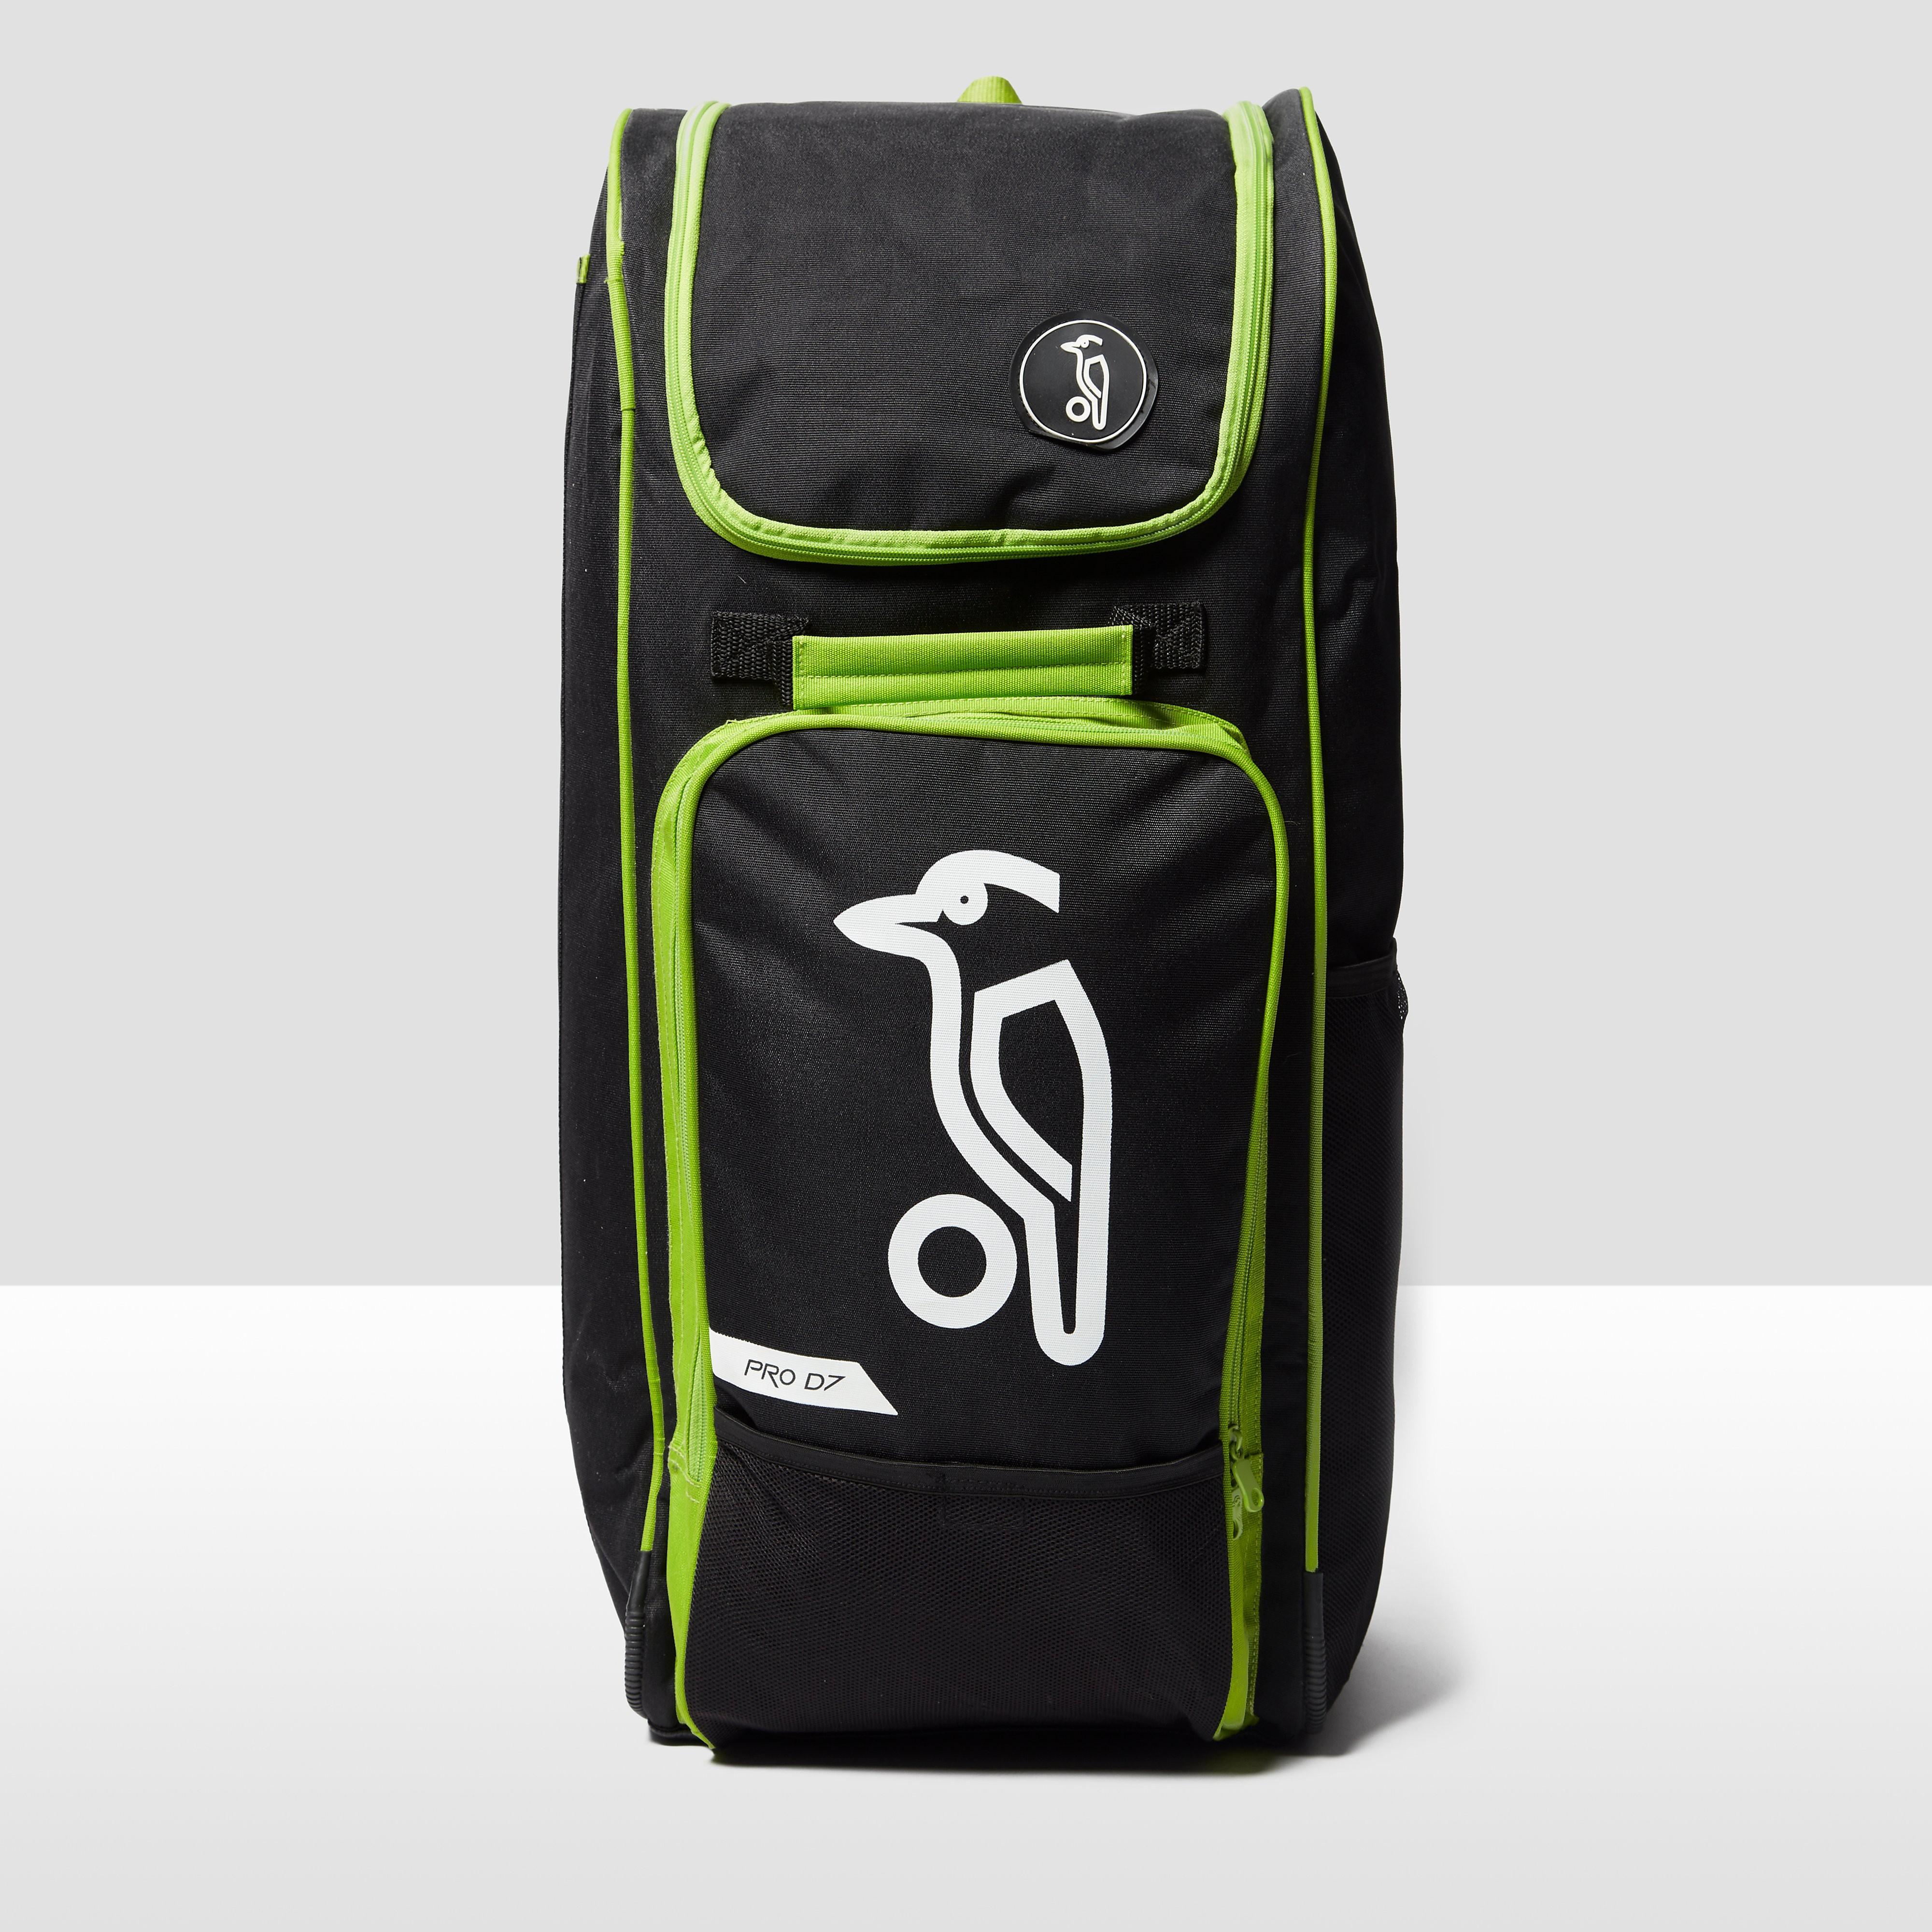 Kookaburra Pro D7 Cricket Duffle bag